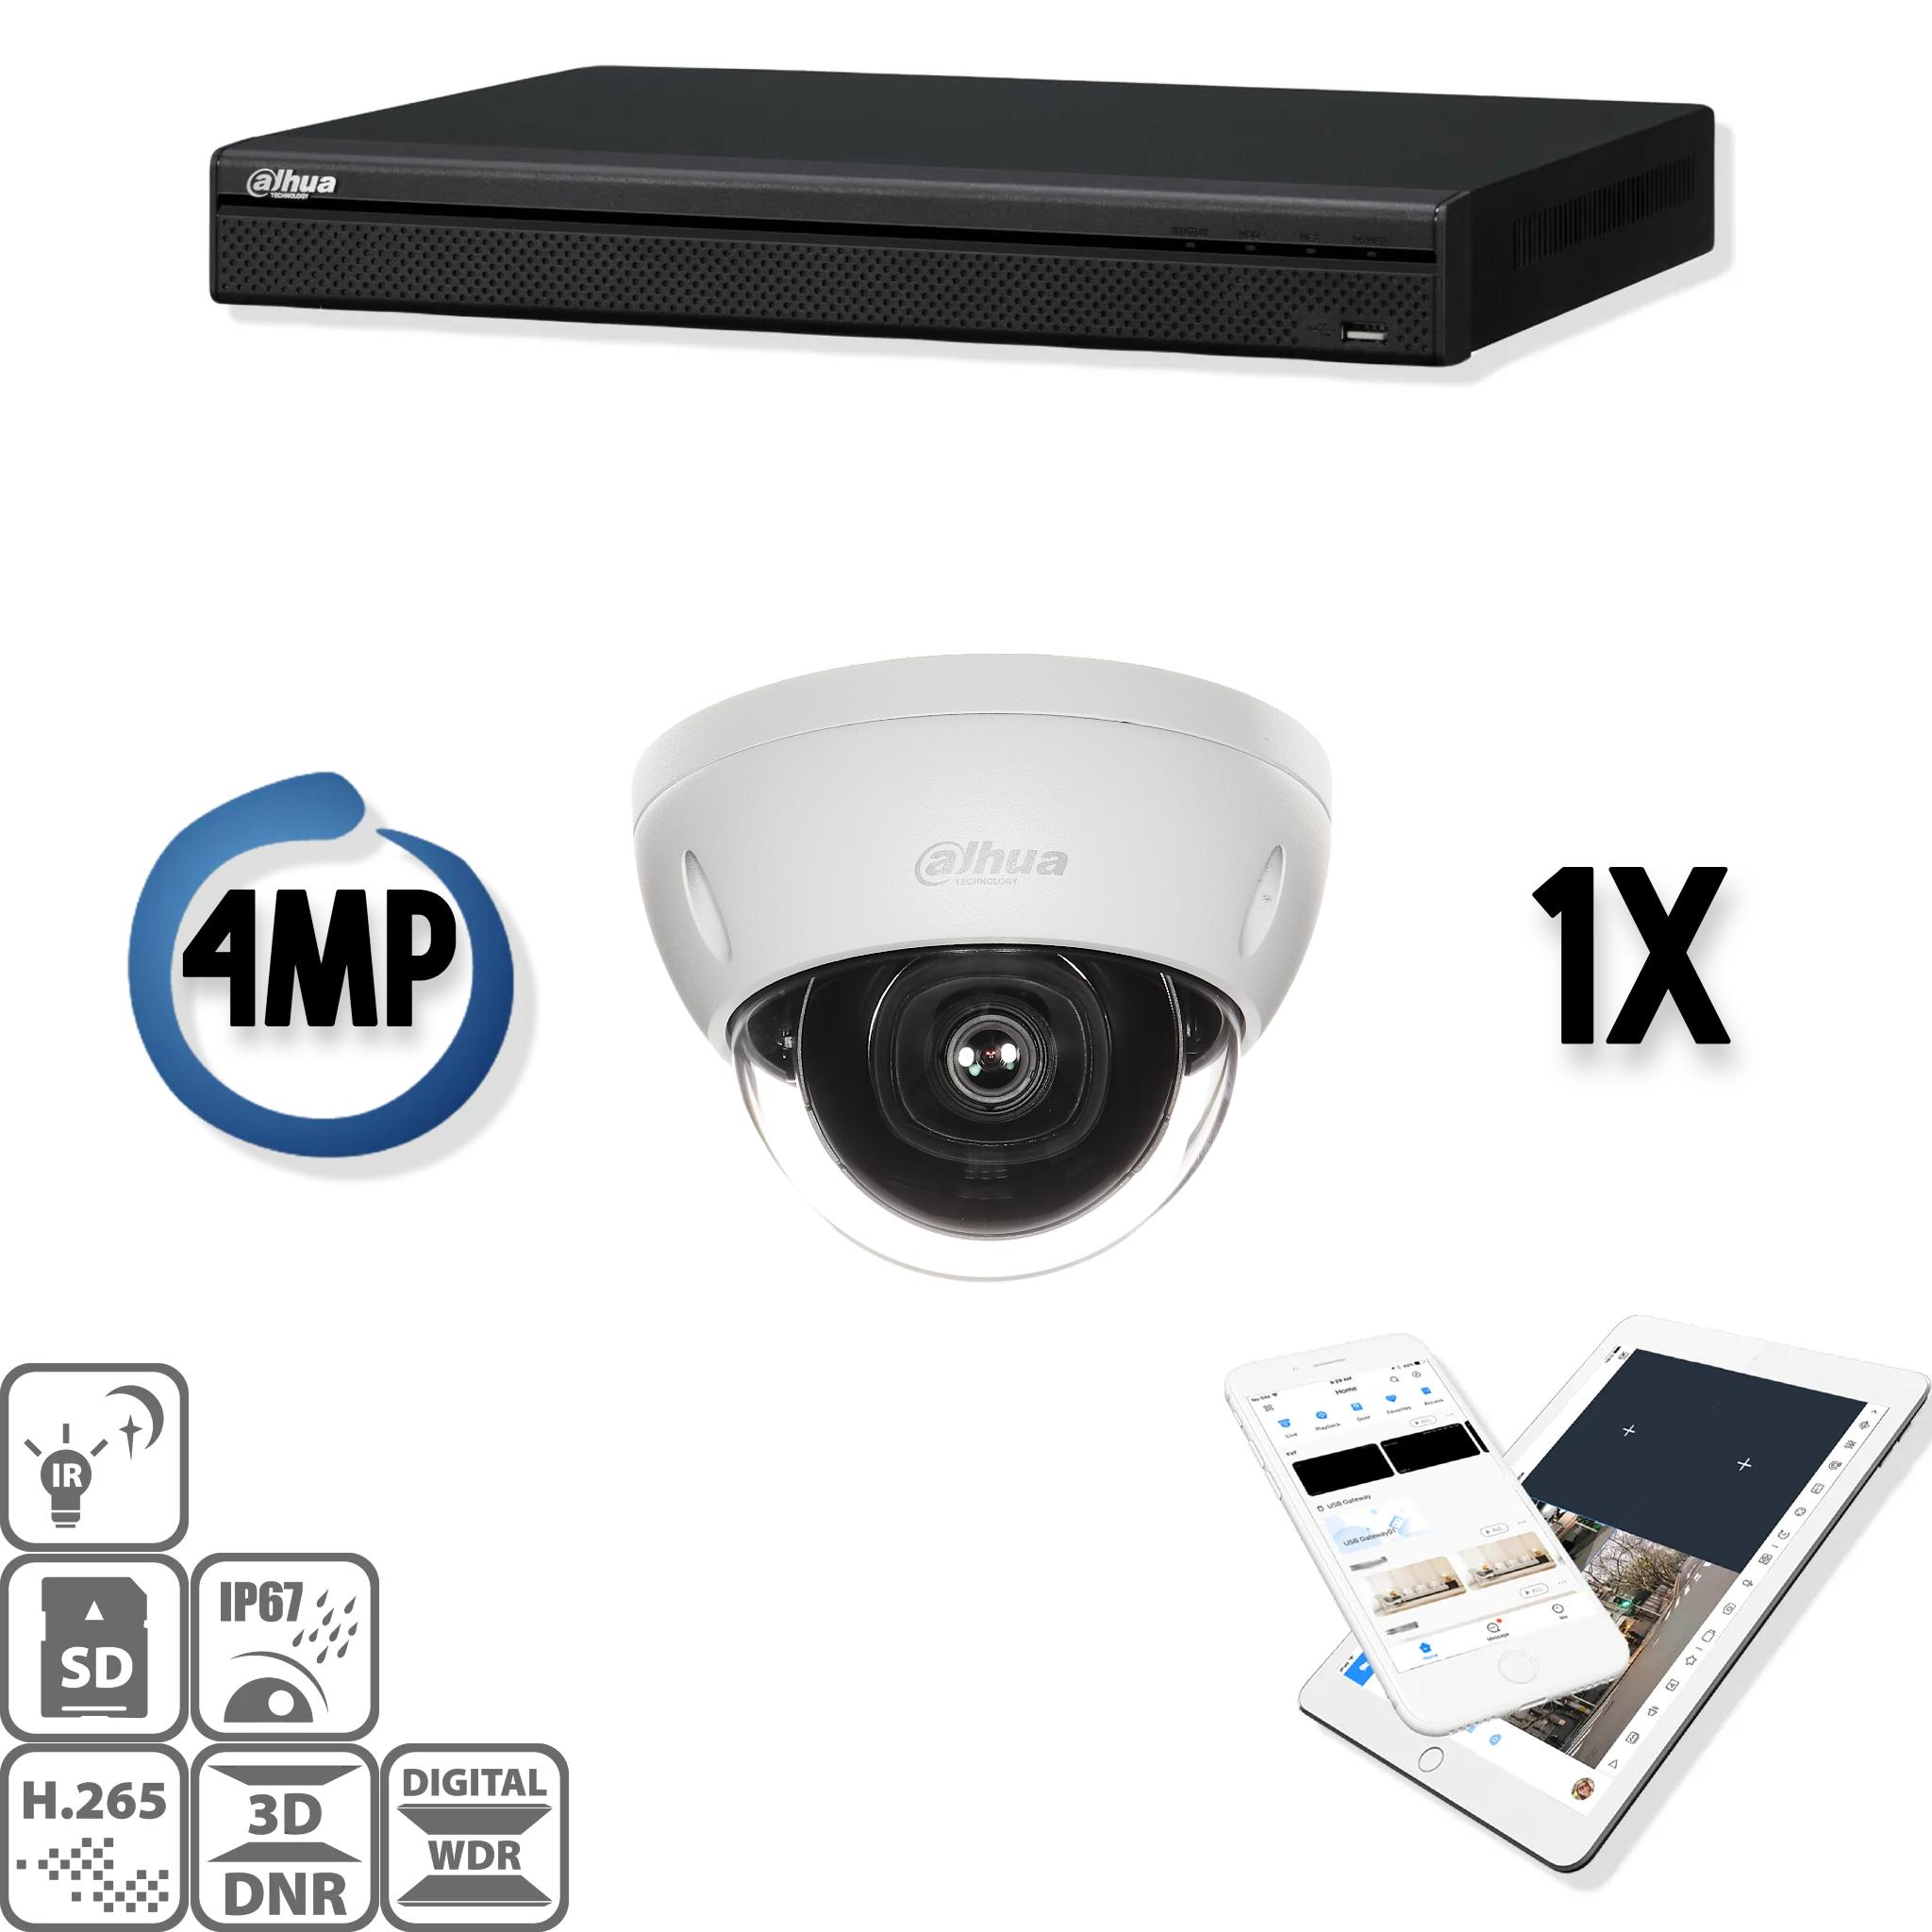 Kit Full HD IP 1x dome Conjunto de segurança de câmera de 4 megapixels